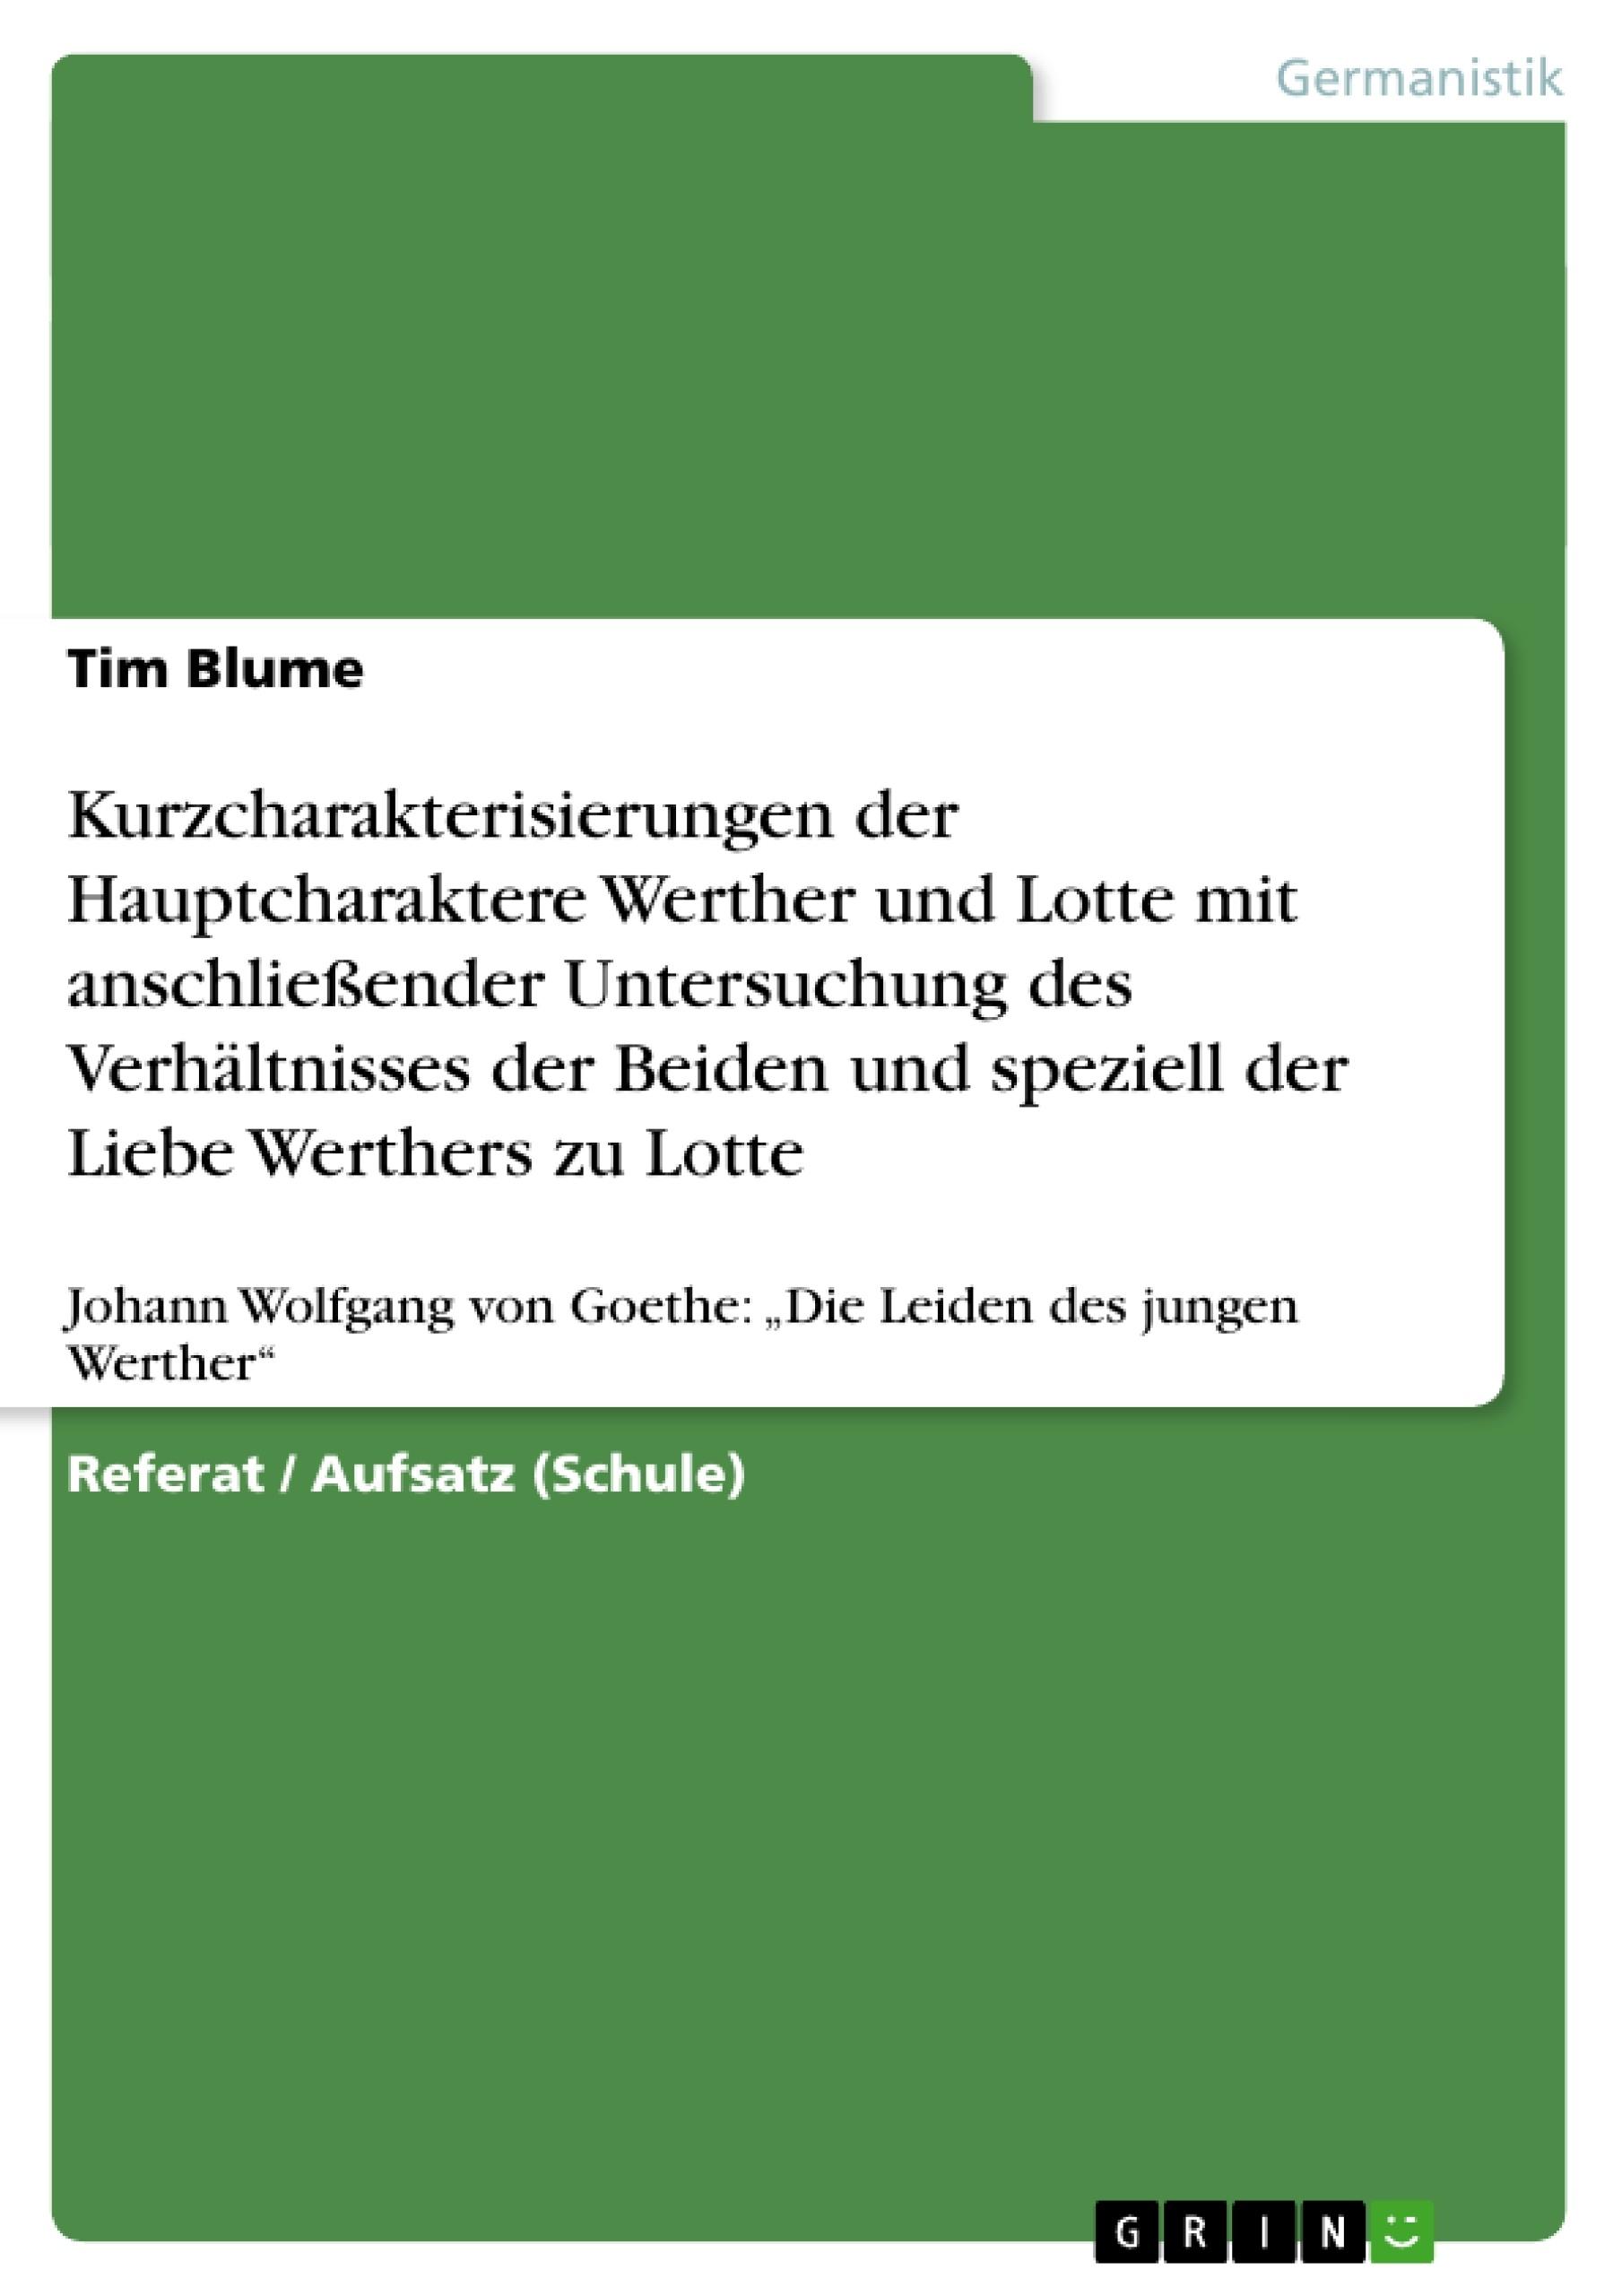 Titel: Kurzcharakterisierungen der Hauptcharaktere Werther und Lotte mit anschließender Untersuchung des Verhältnisses der Beiden und speziell der Liebe Werthers zu Lotte